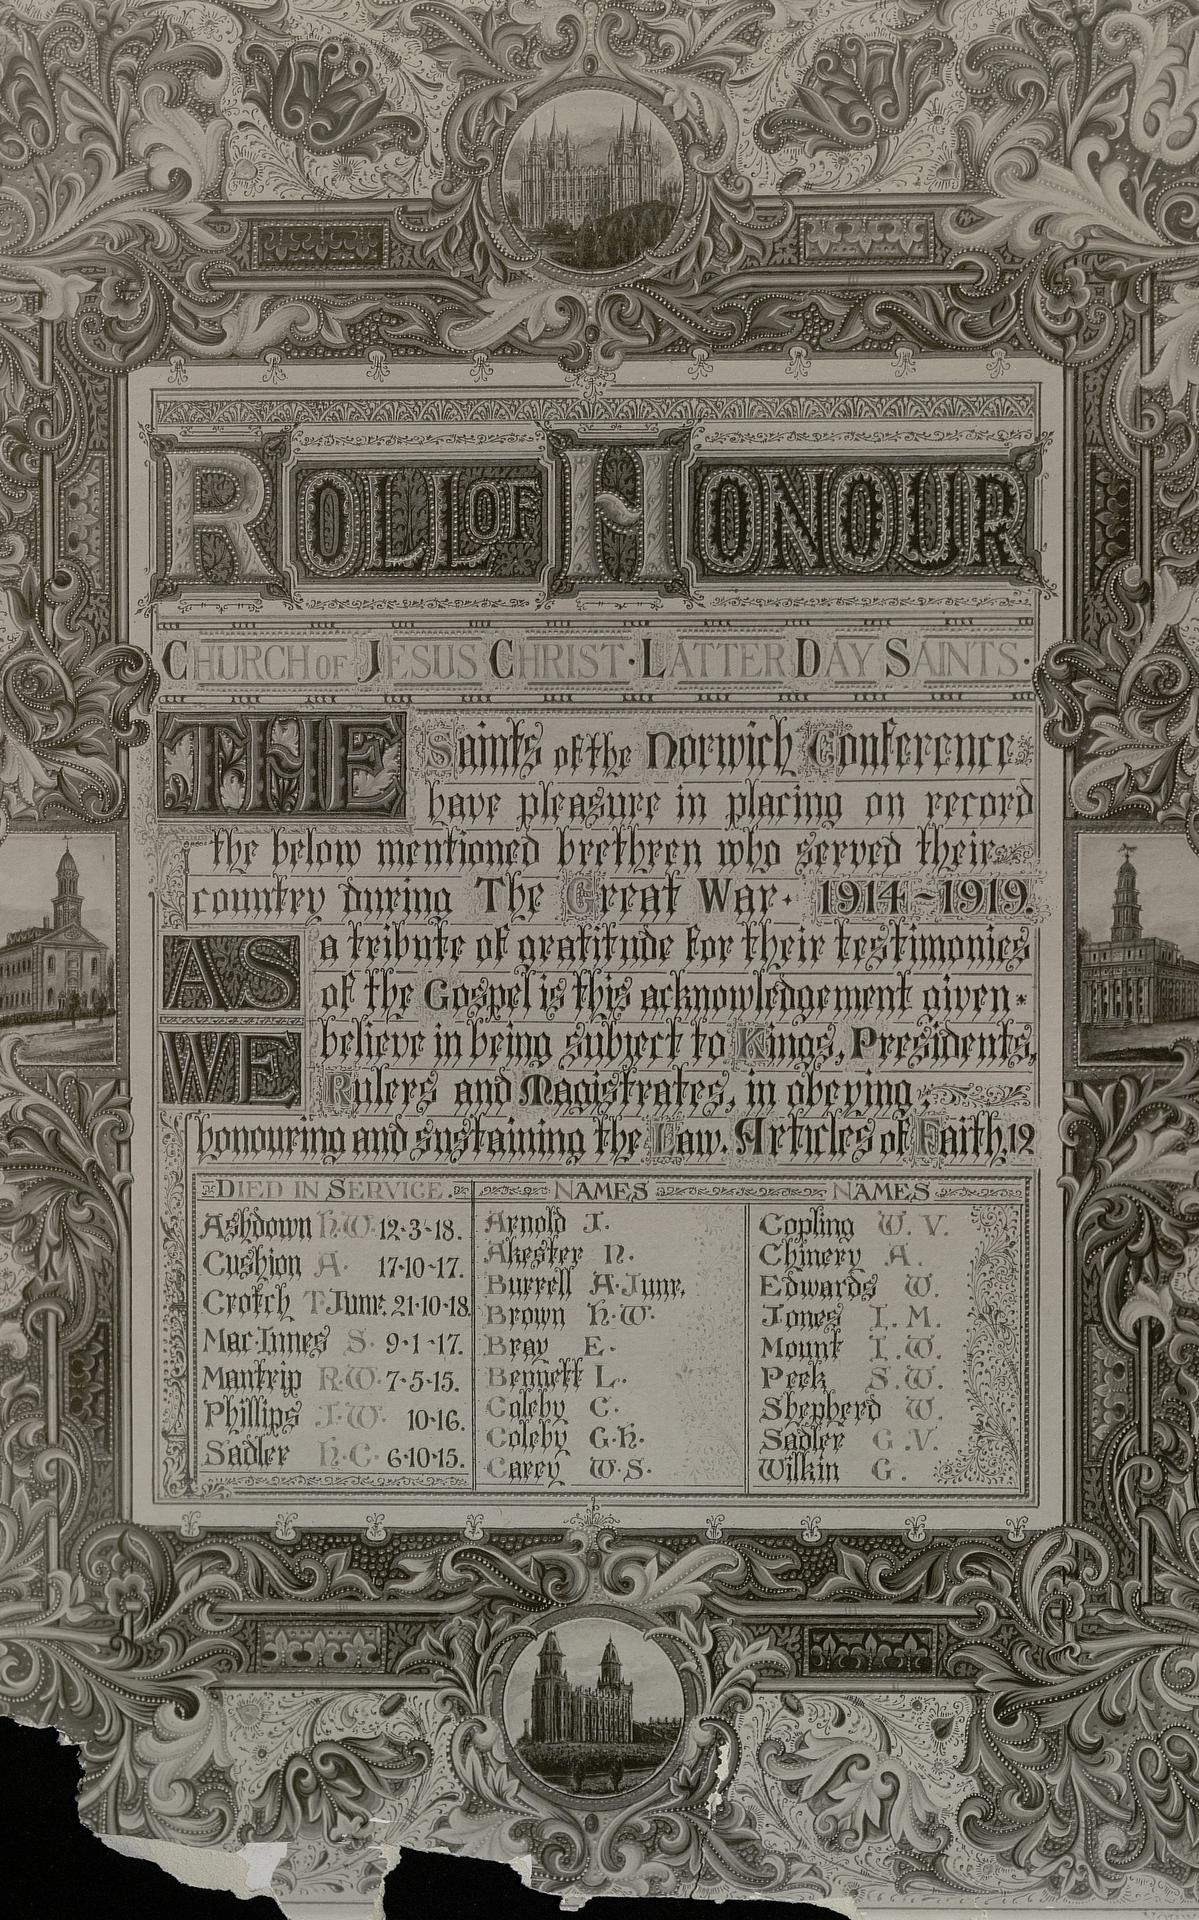 Norwich Roll of Honour